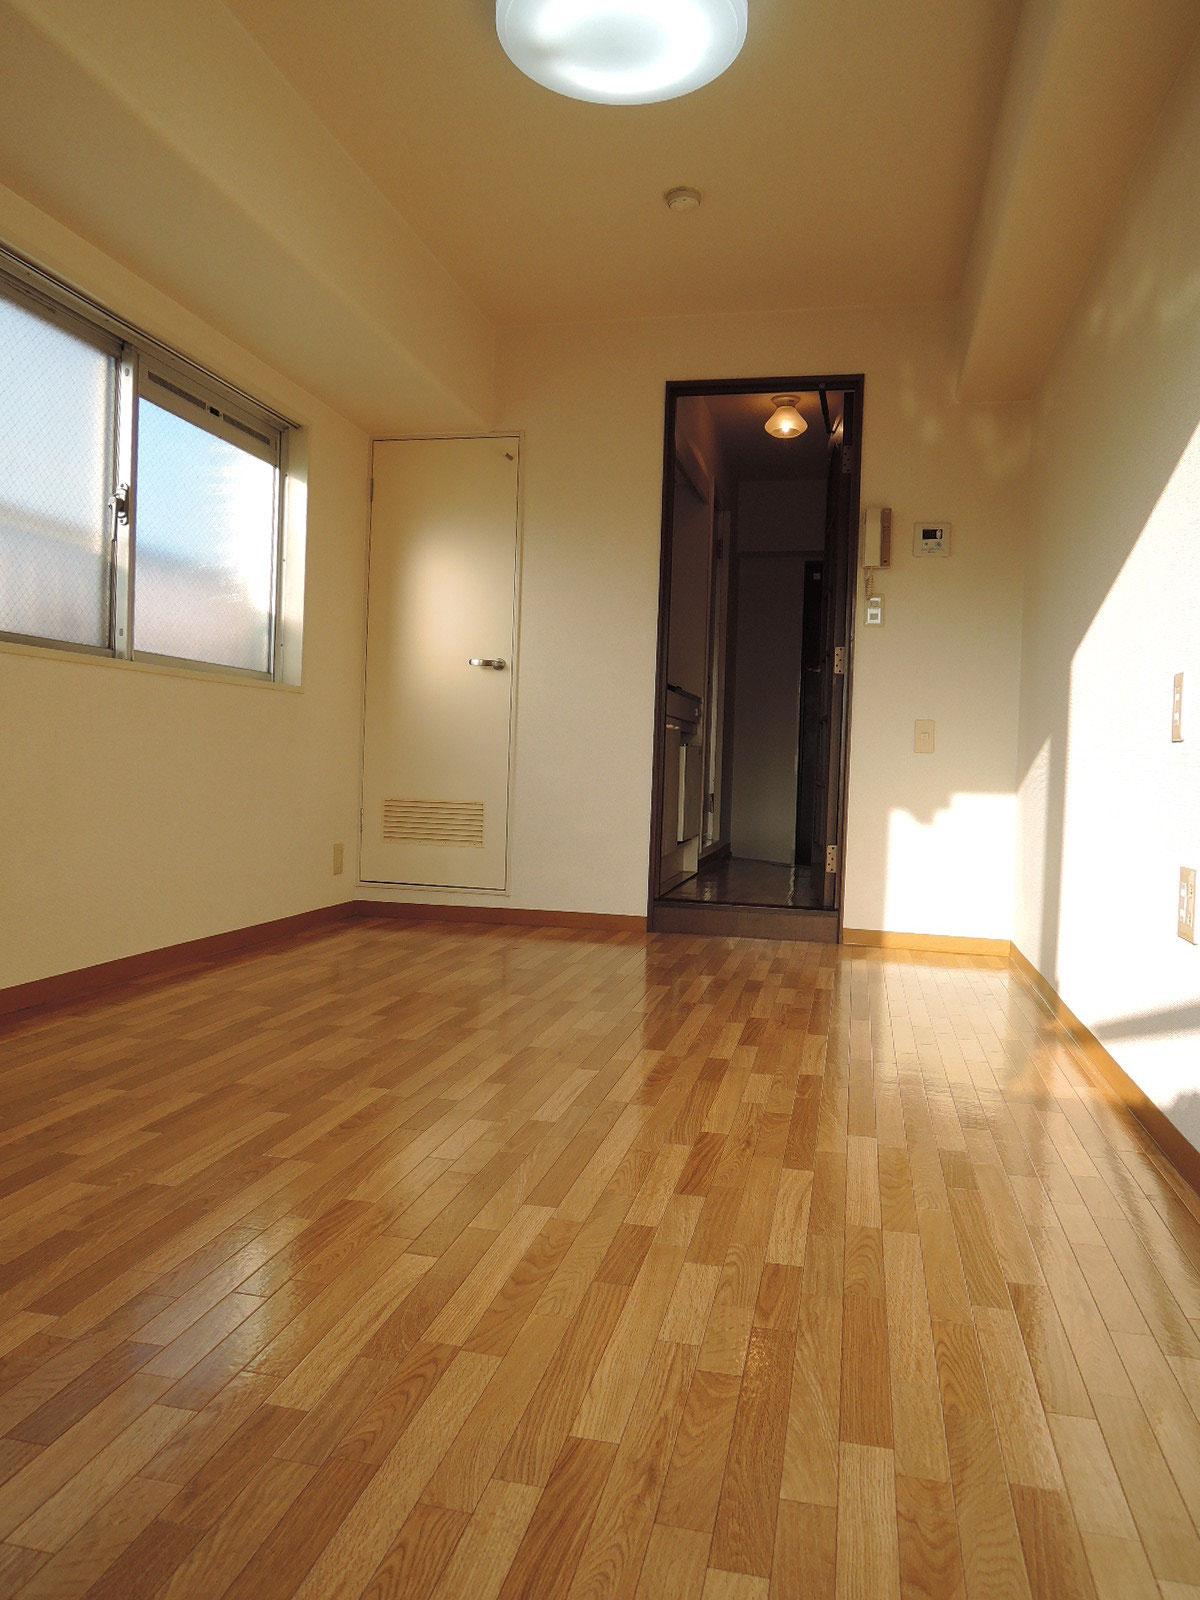 バルコニー側からの室内